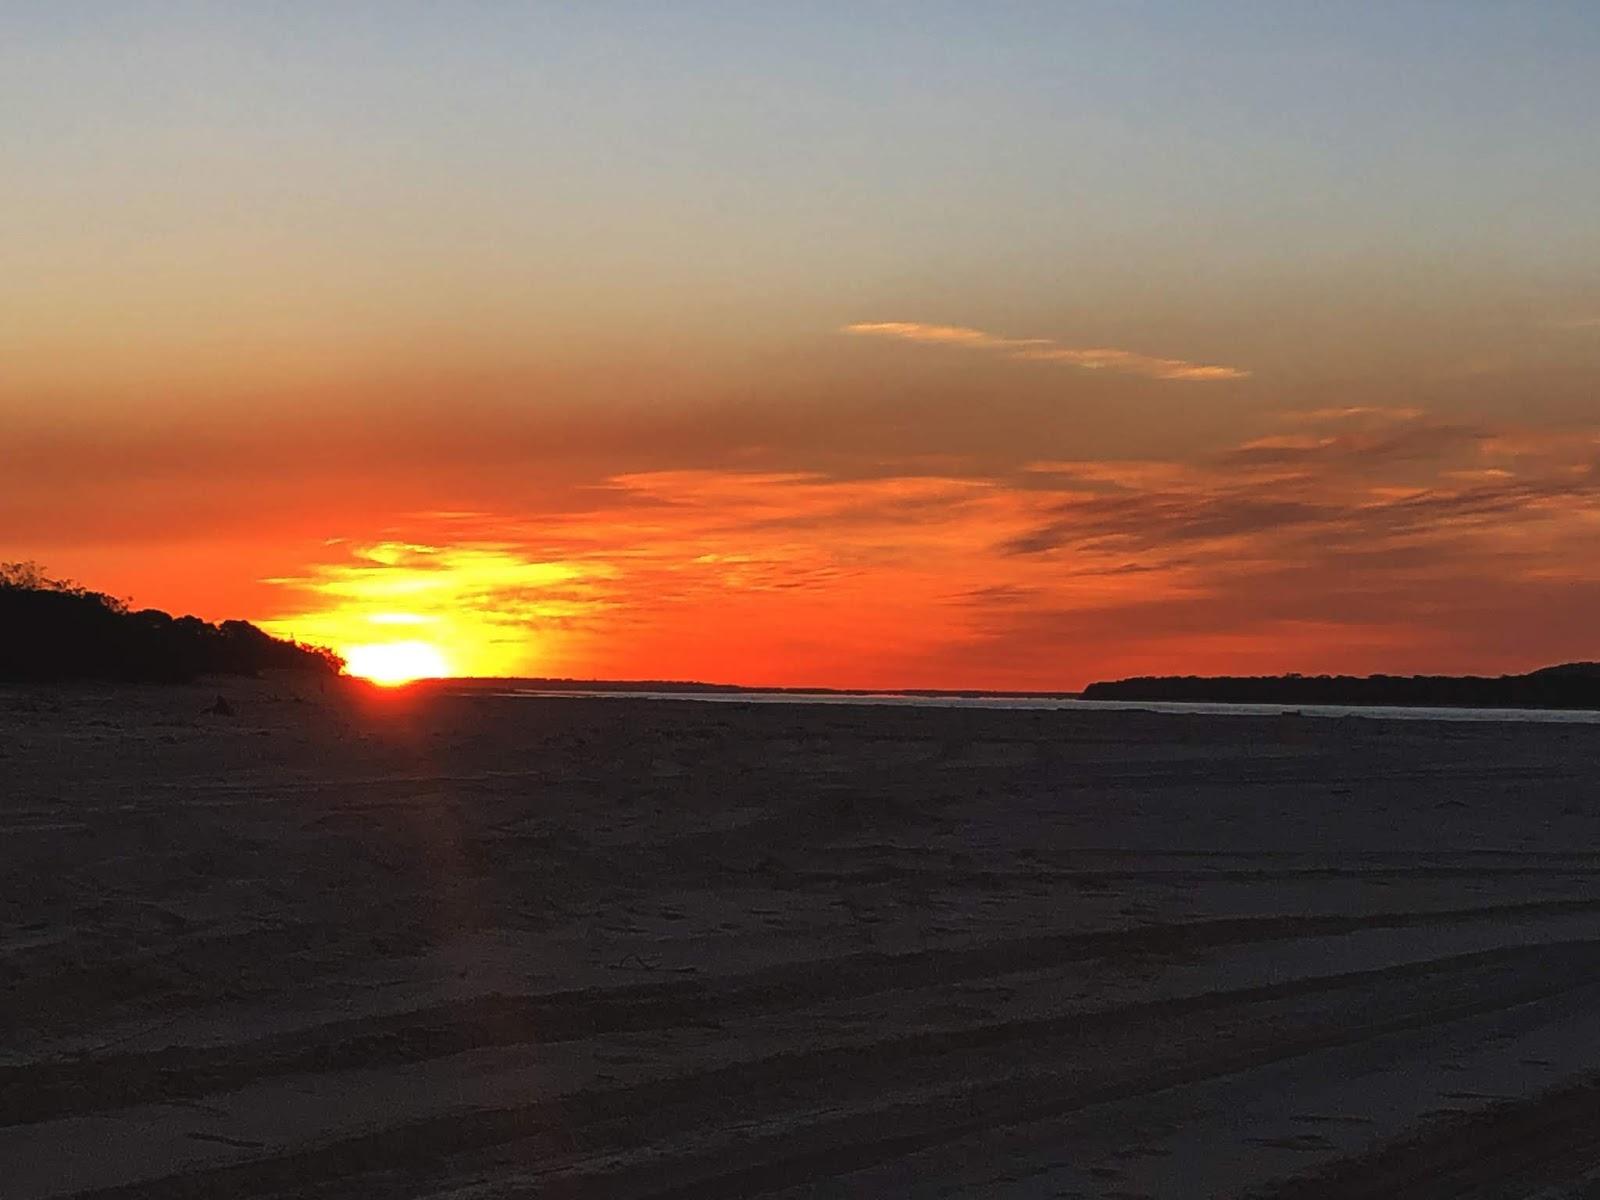 Plaża Rainbow Beach w Australii o zachodzie słońca